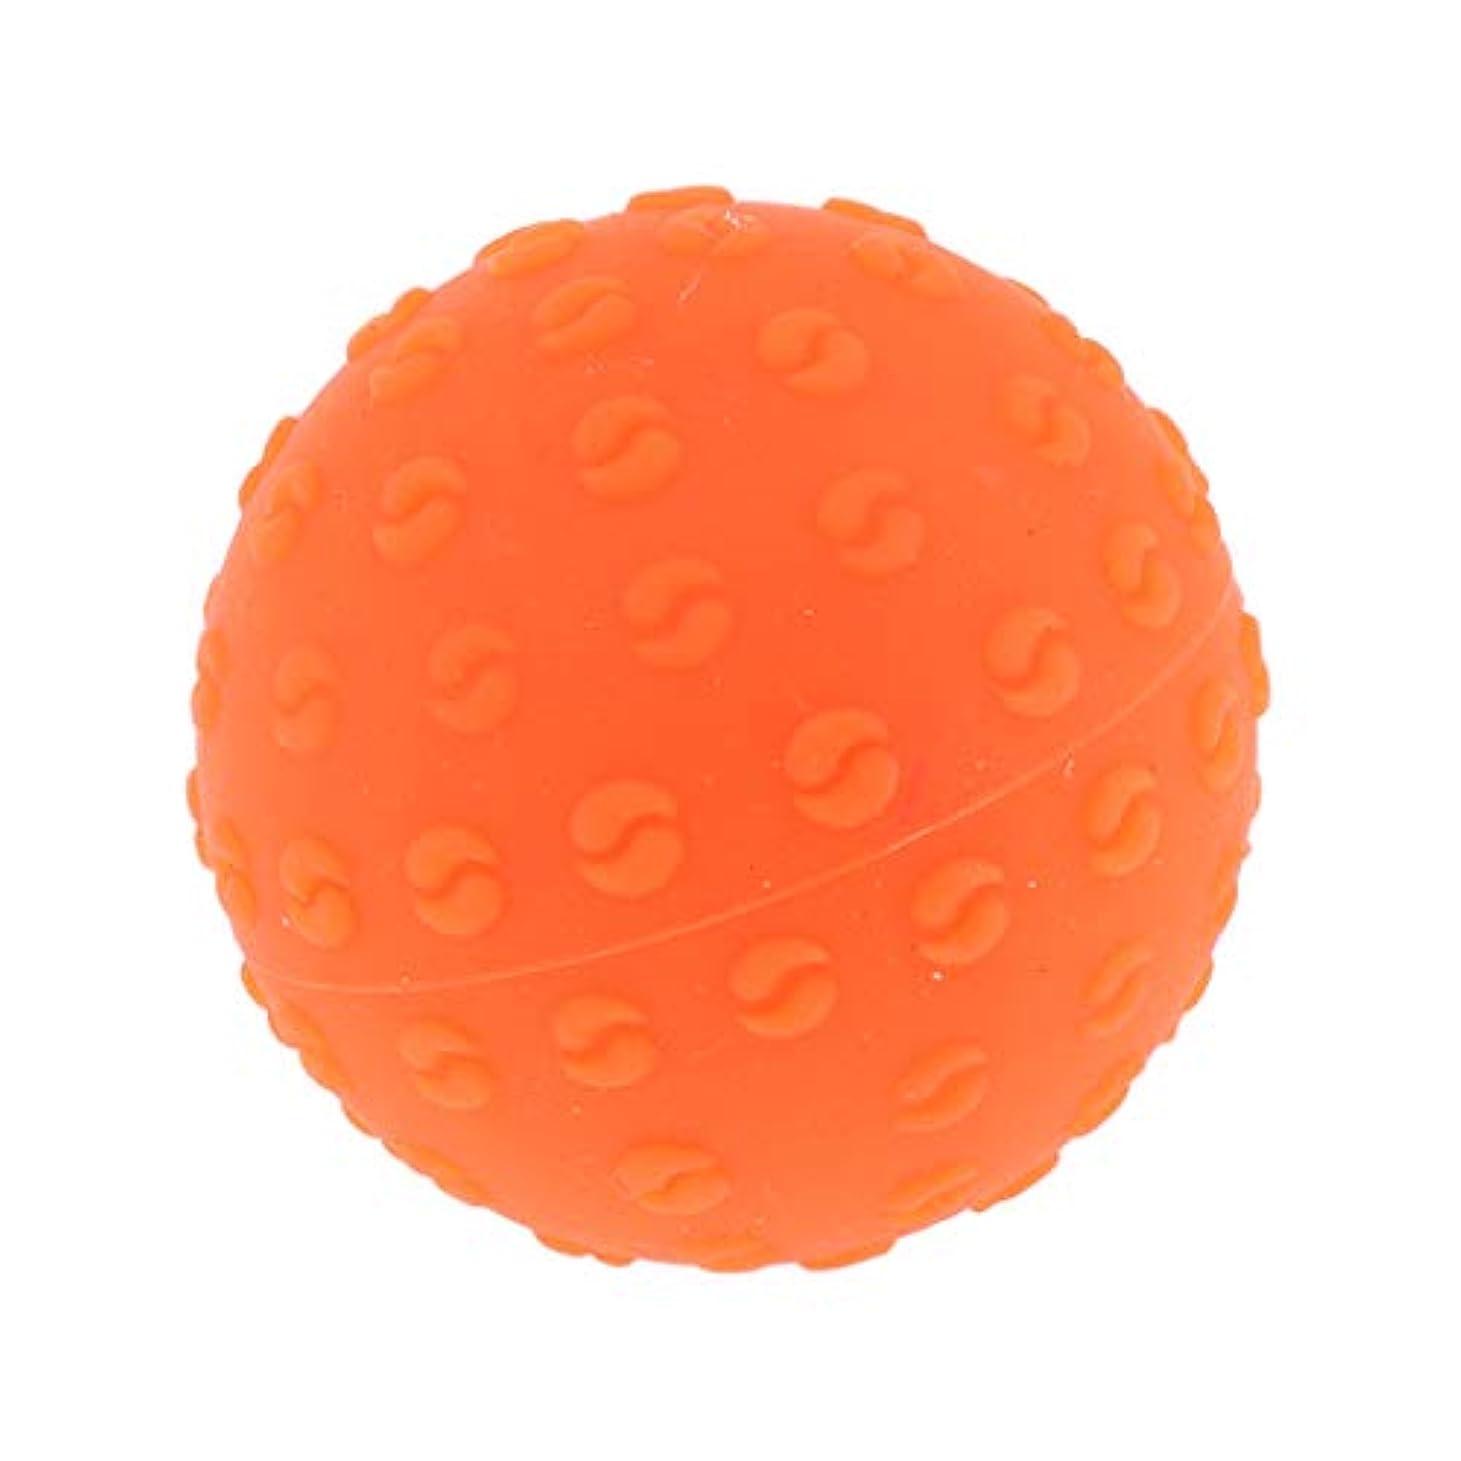 農村グリップ申請中FLAMEER 全6色 シリコーンマッサージボール 指圧ボール トリガーポイント ヨガ 肩、足、首、腕 解消 耐摩耗 - オレンジ, 説明のとおり